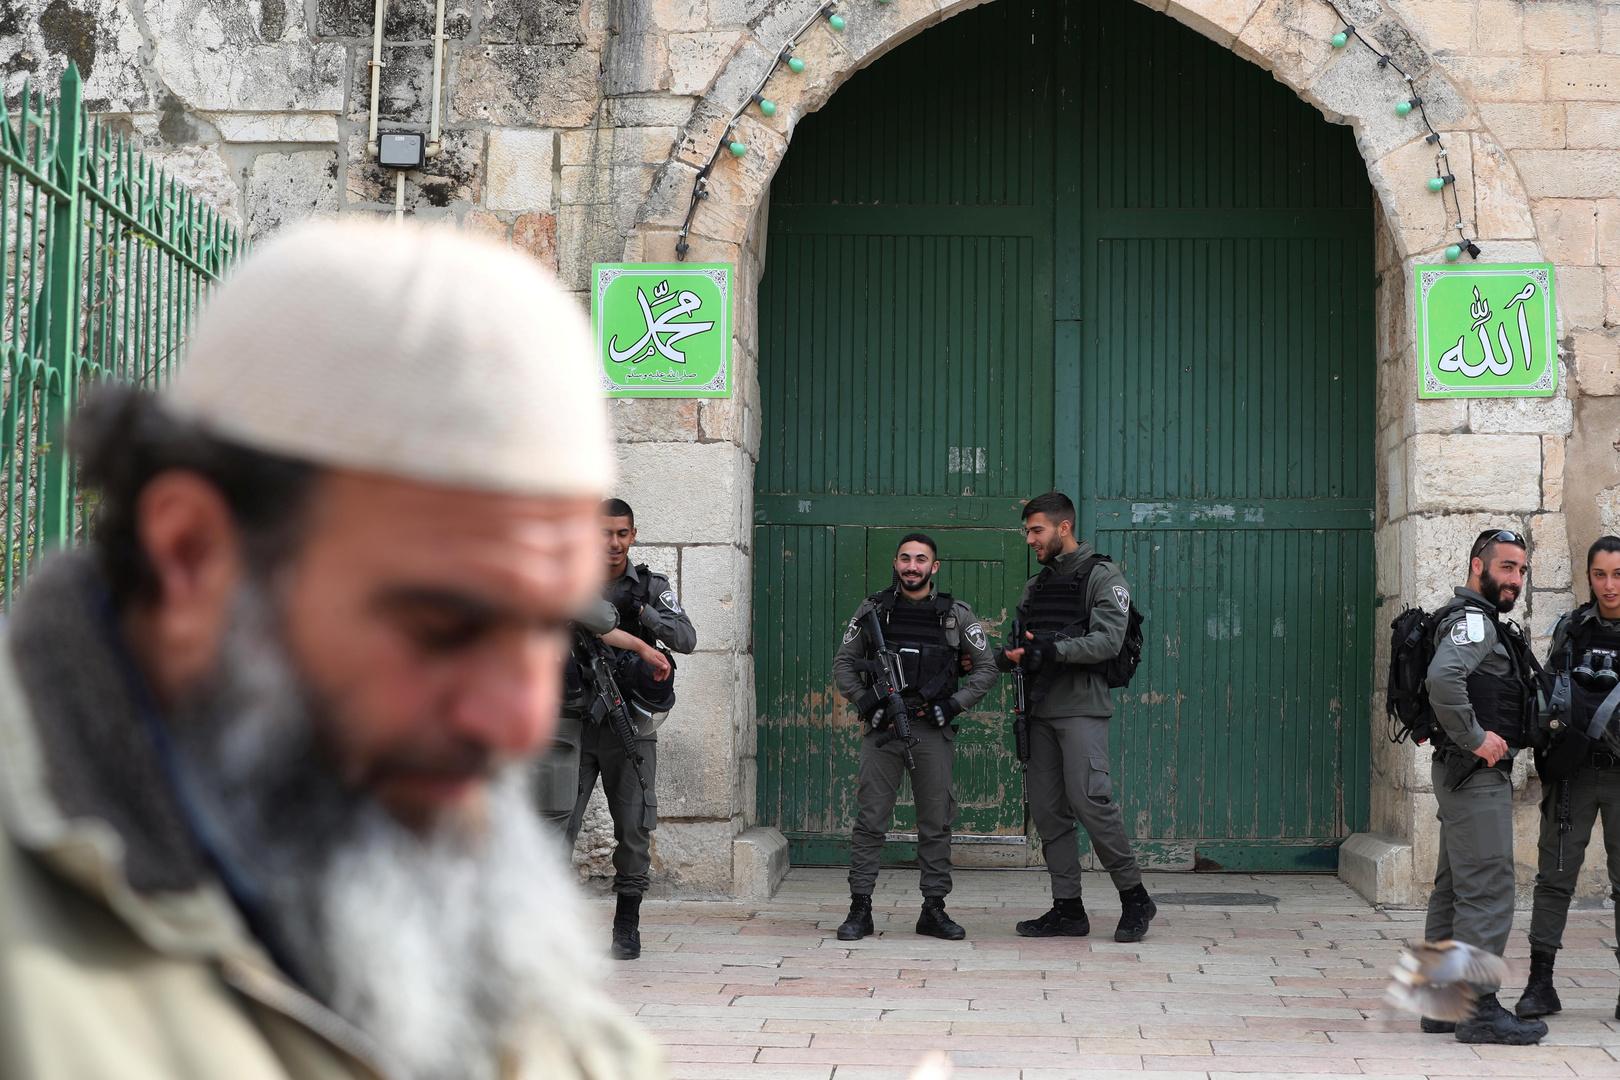 الأقصى بين القبضة الإسرائيلية وكورونا وكلاهما مر بالنسبة للمواطنين